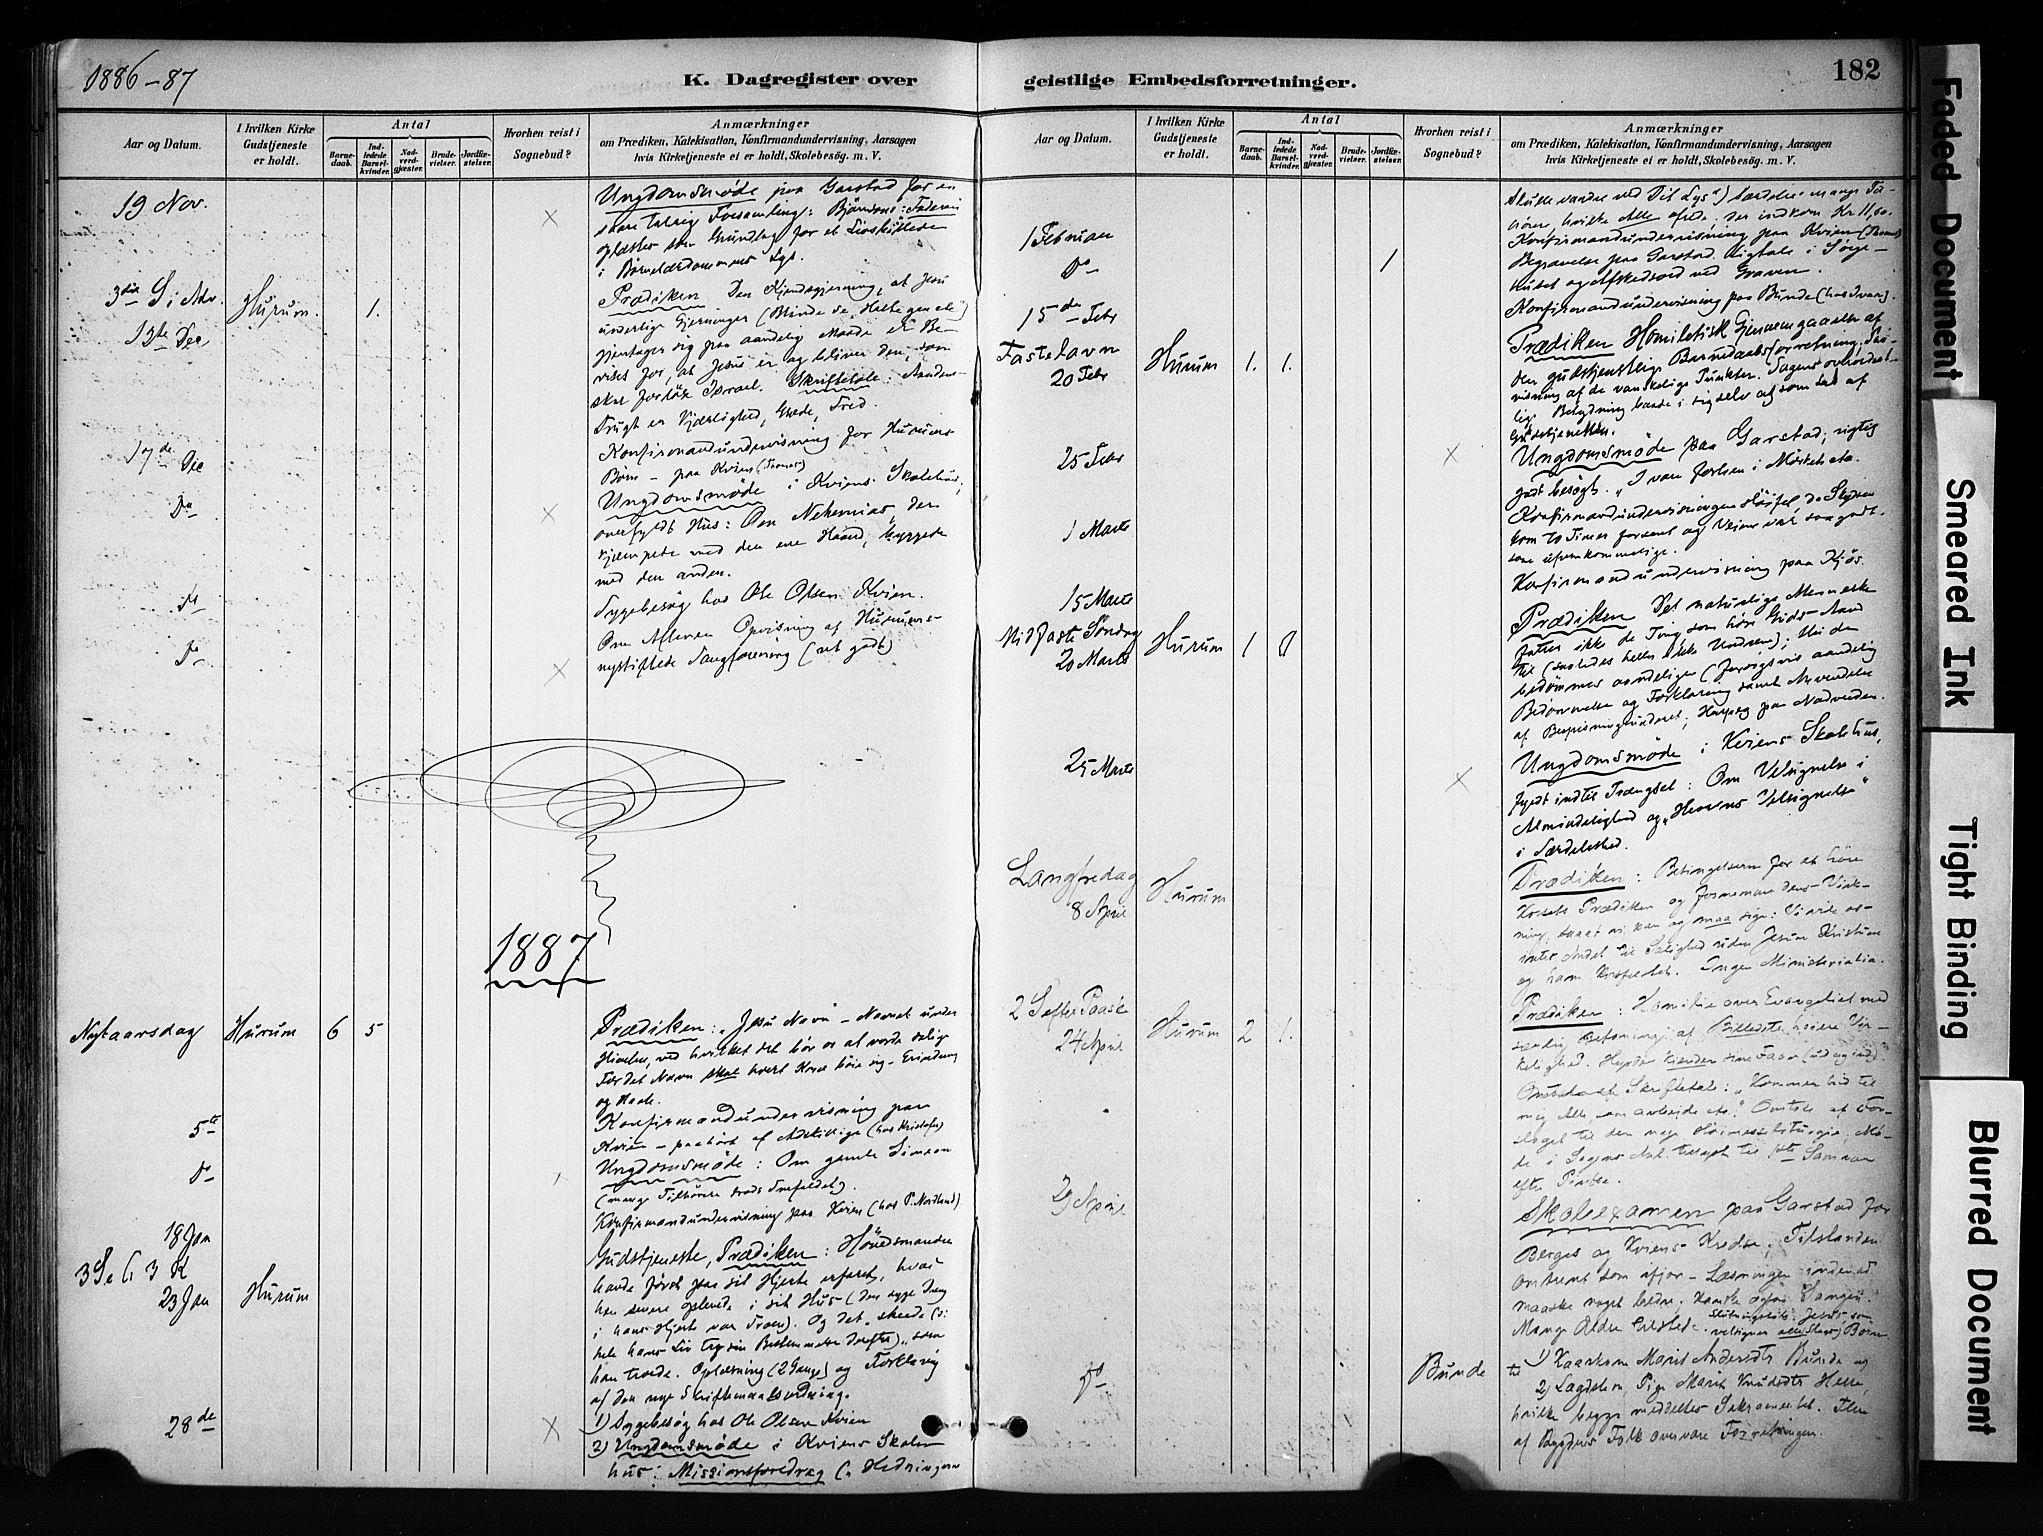 SAH, Vang prestekontor, Valdres, Ministerialbok nr. 9, 1882-1914, s. 182